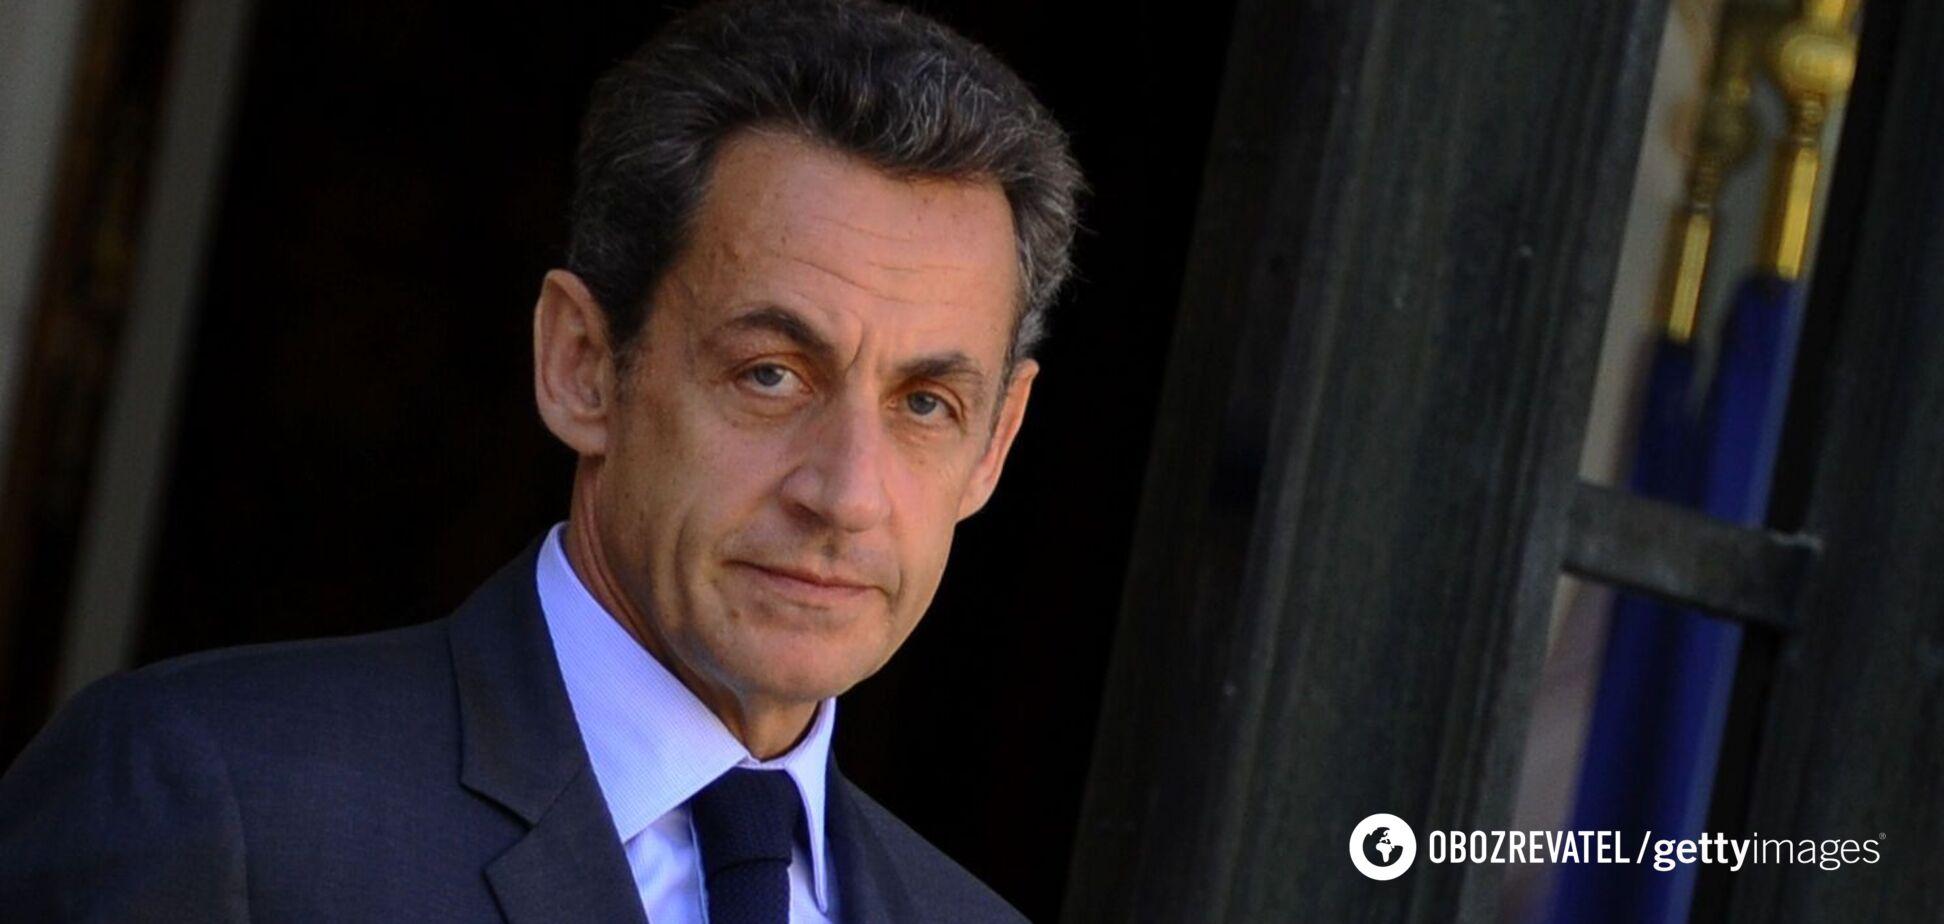 Саркози дали три года тюрьмы